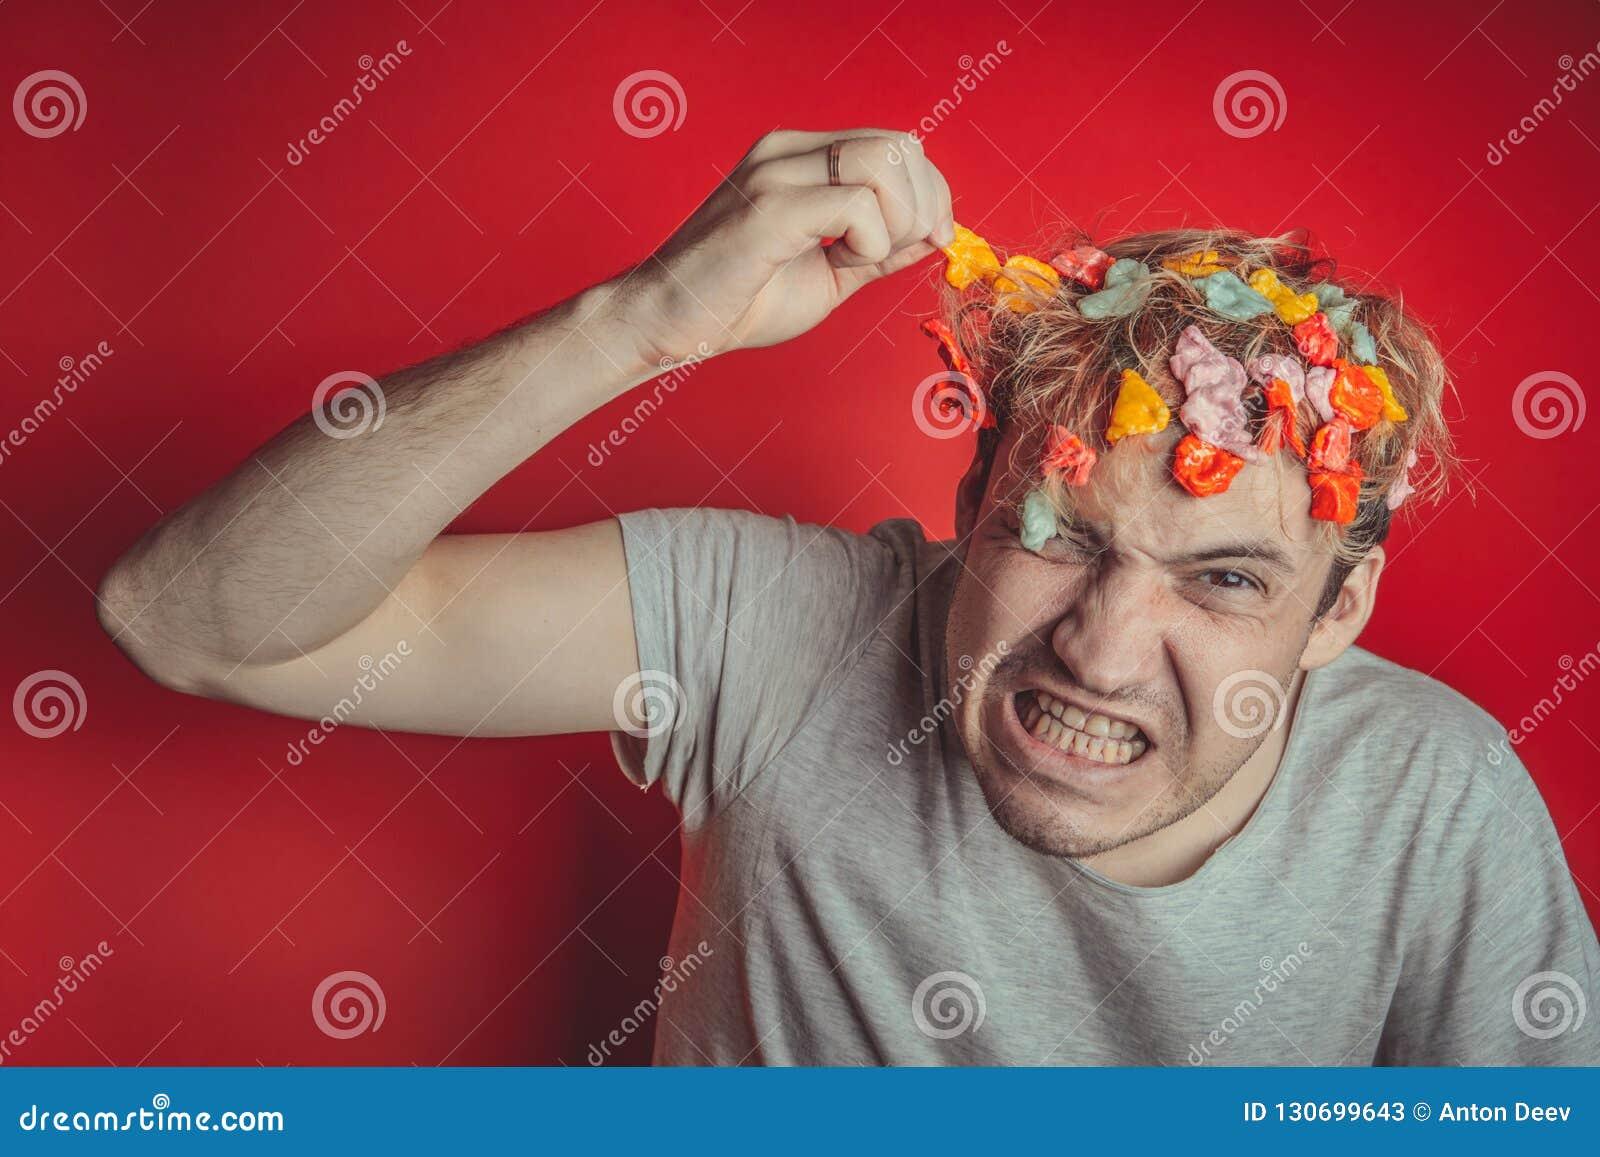 Collez dans sa tête Portrait de l homme avec le chewing-gum dans sa tête Homme avec des cheveux couverts en nourriture